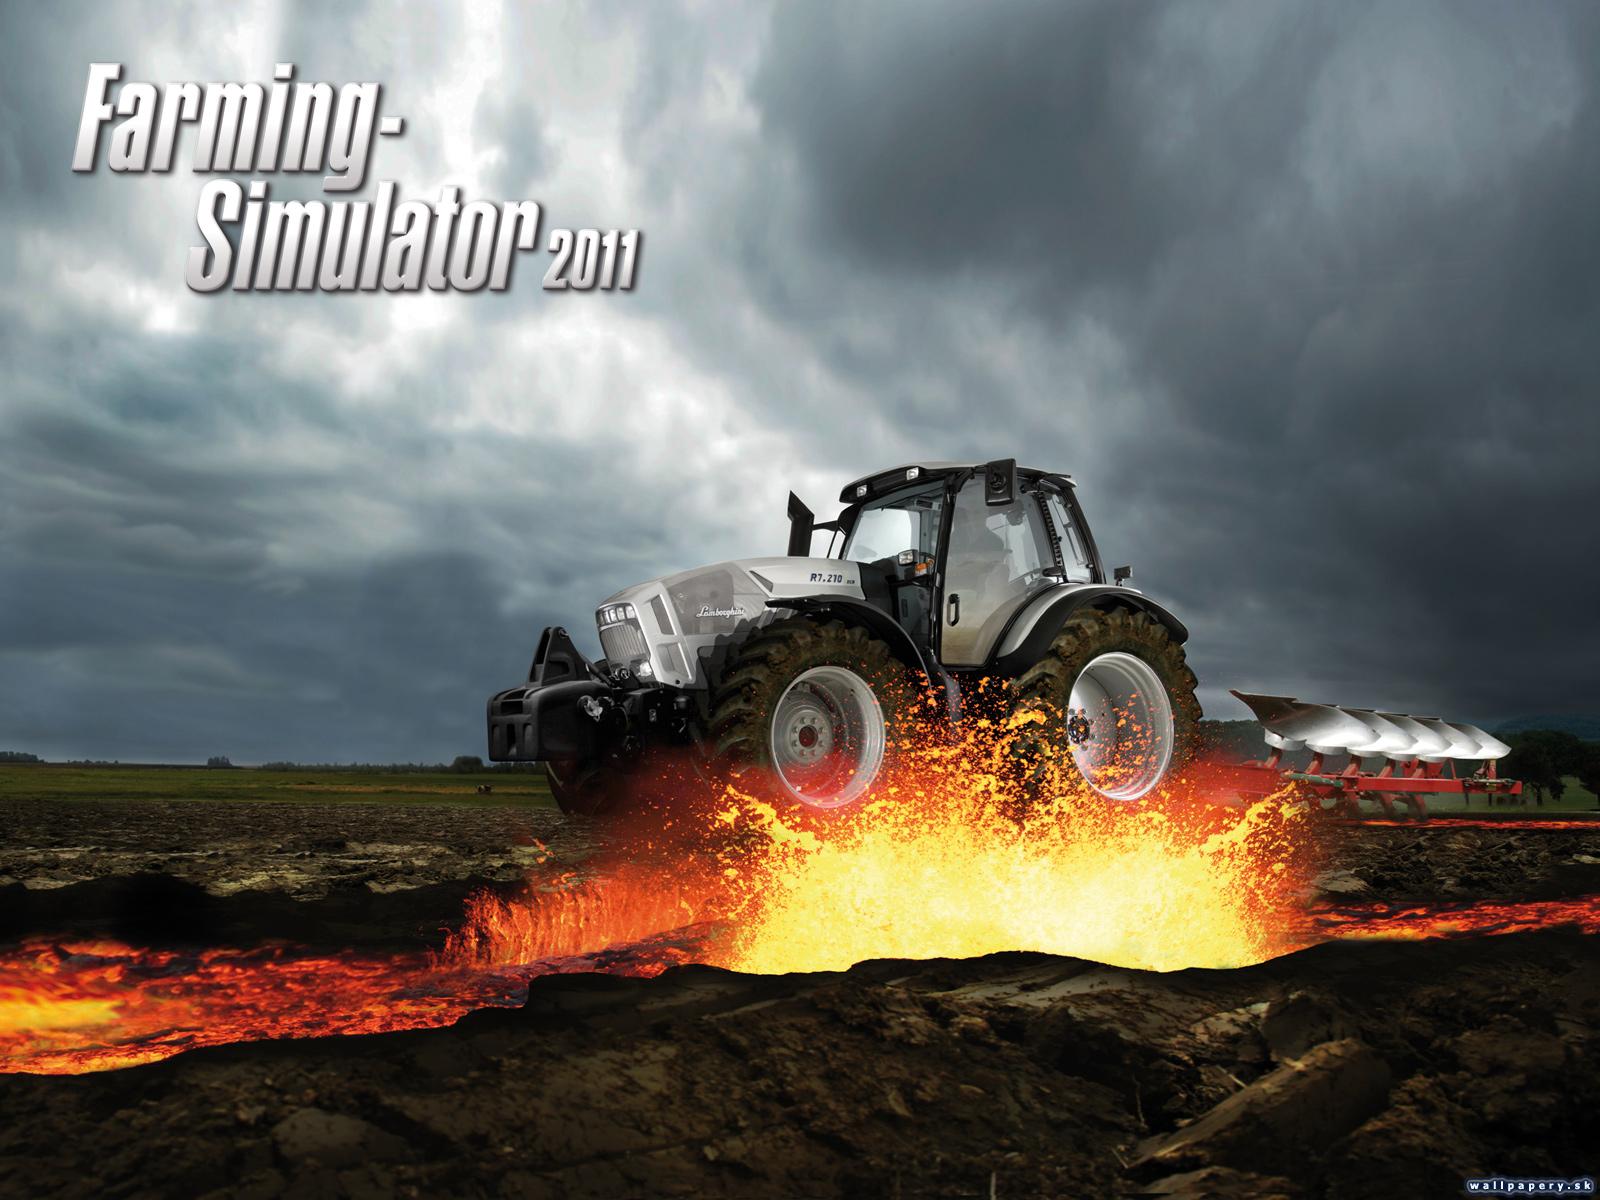 Landwirtschafts simulator 2011